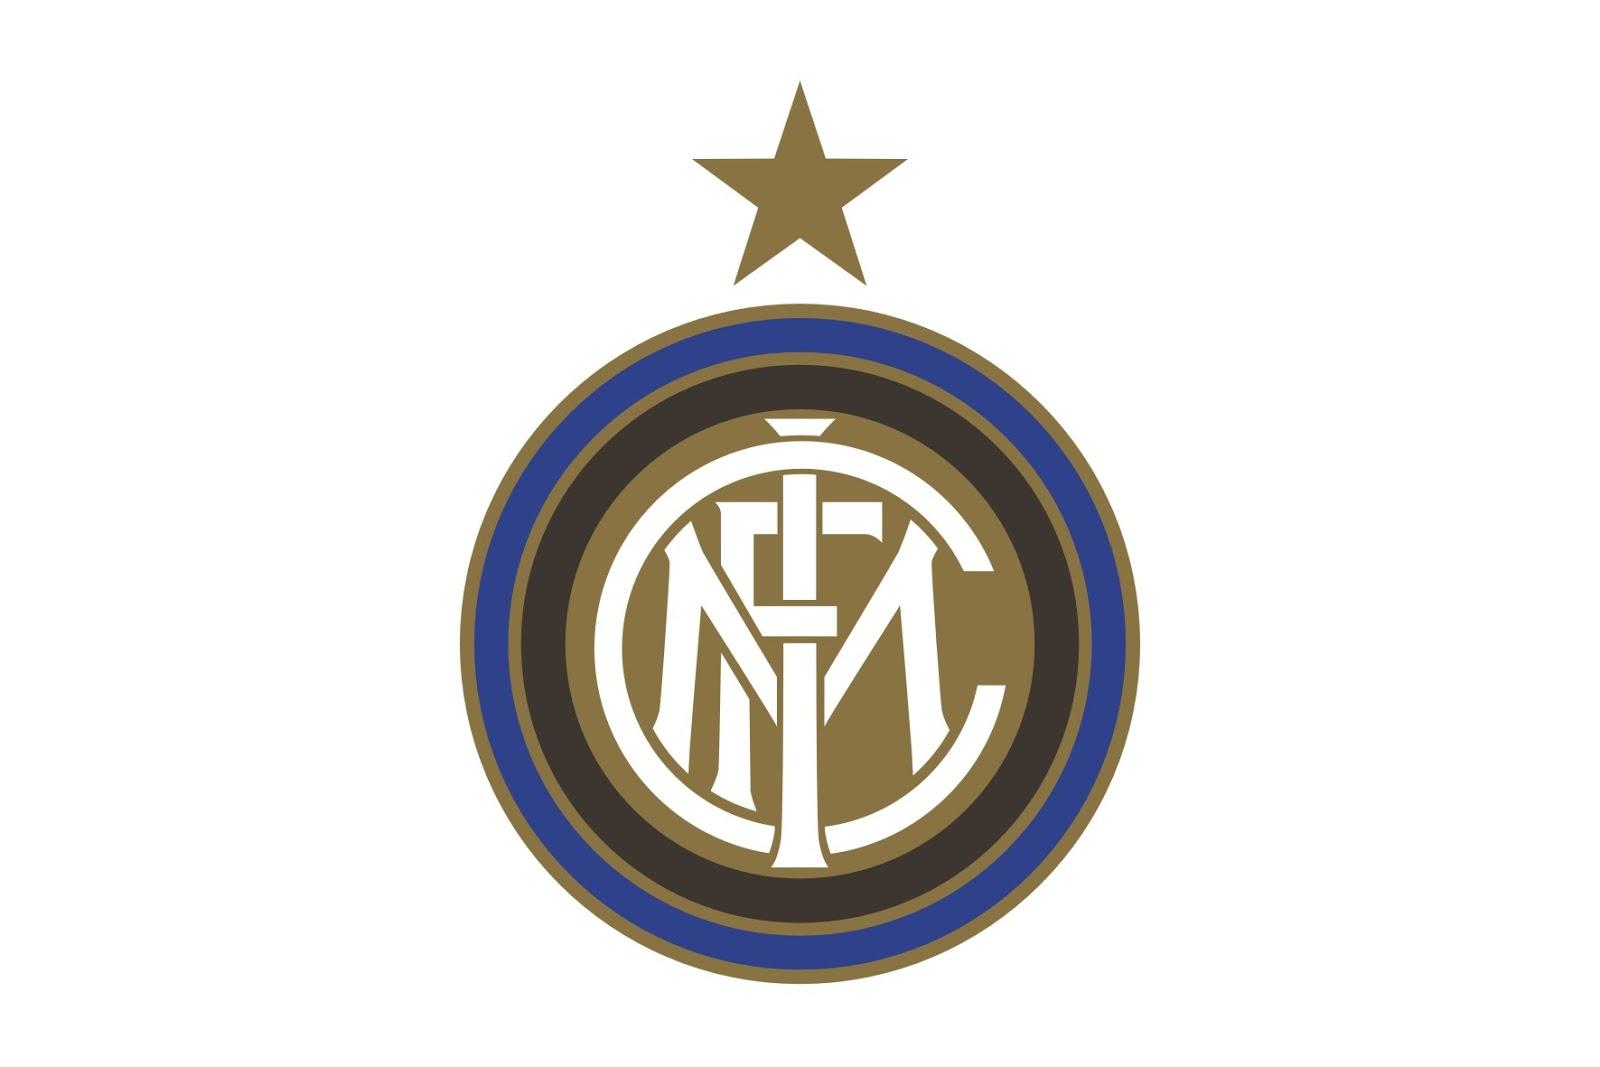 Inter Milan Logos